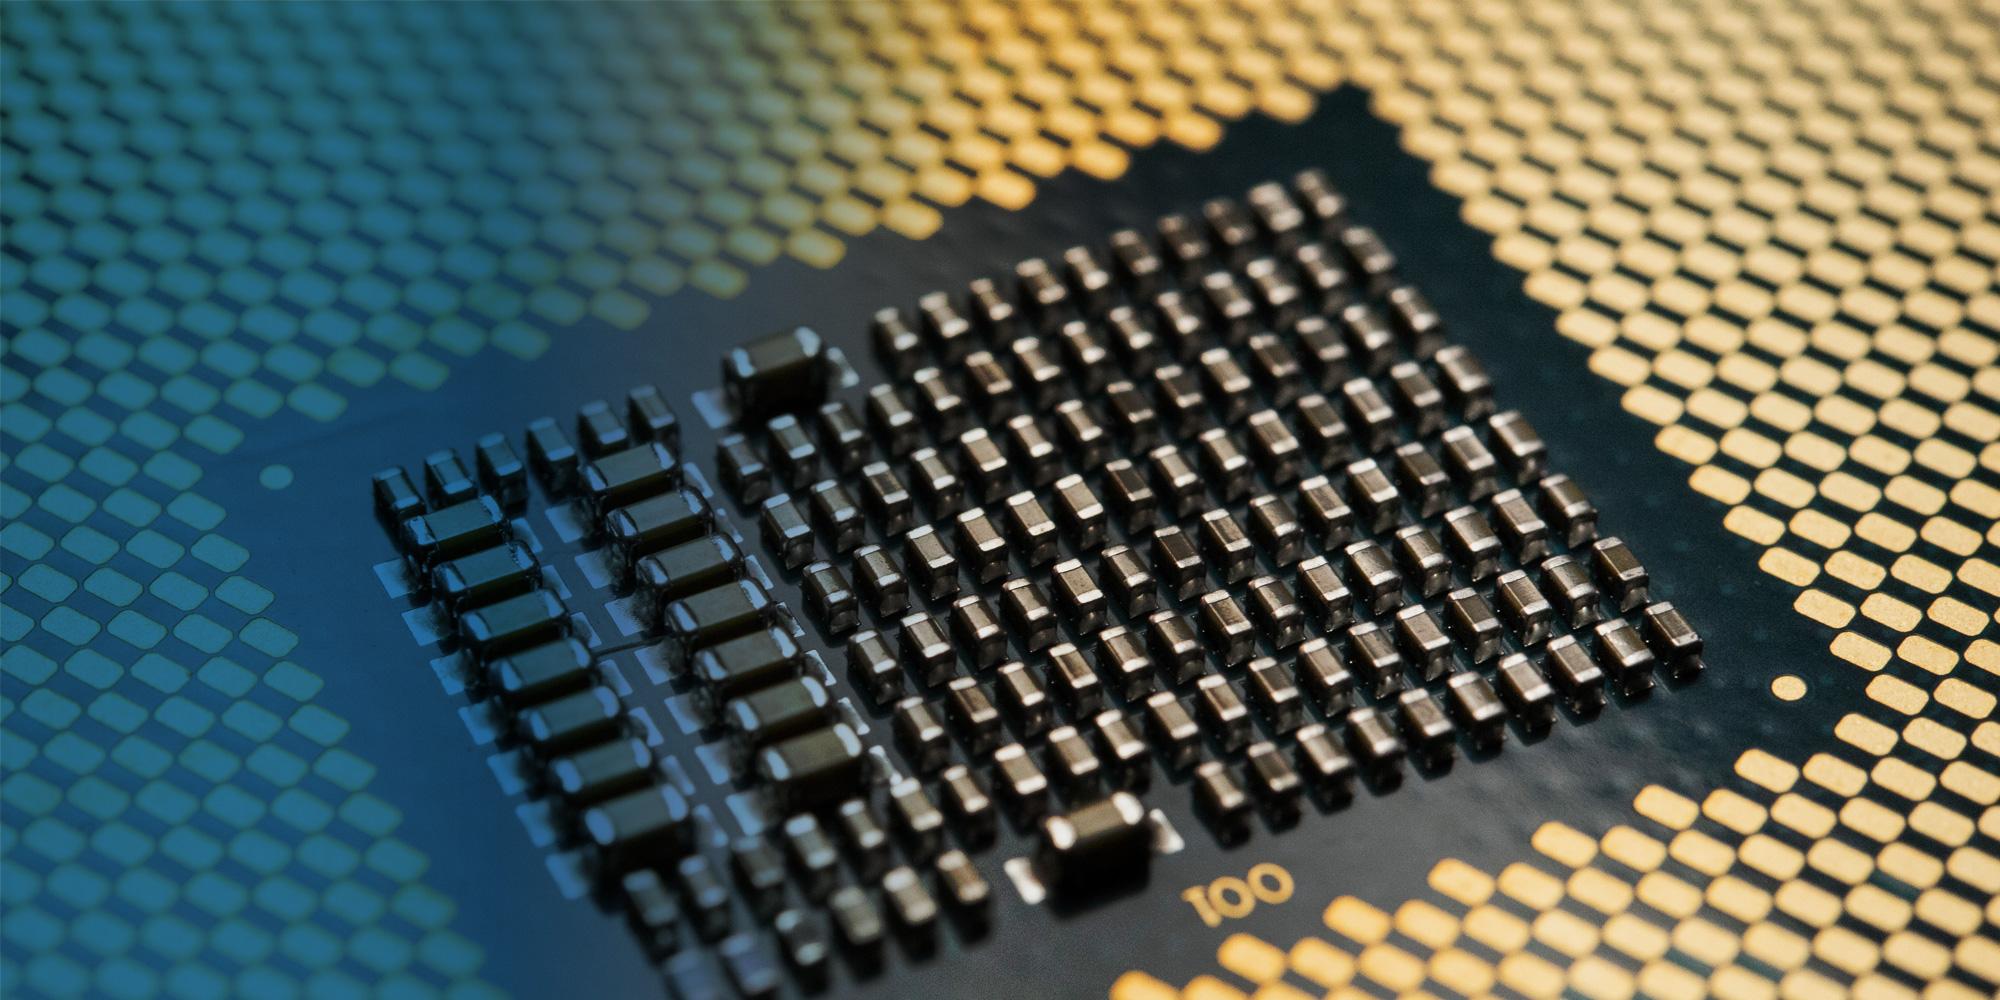 New Intel Alder Lake leak promises 24-thread gaming laptop chips